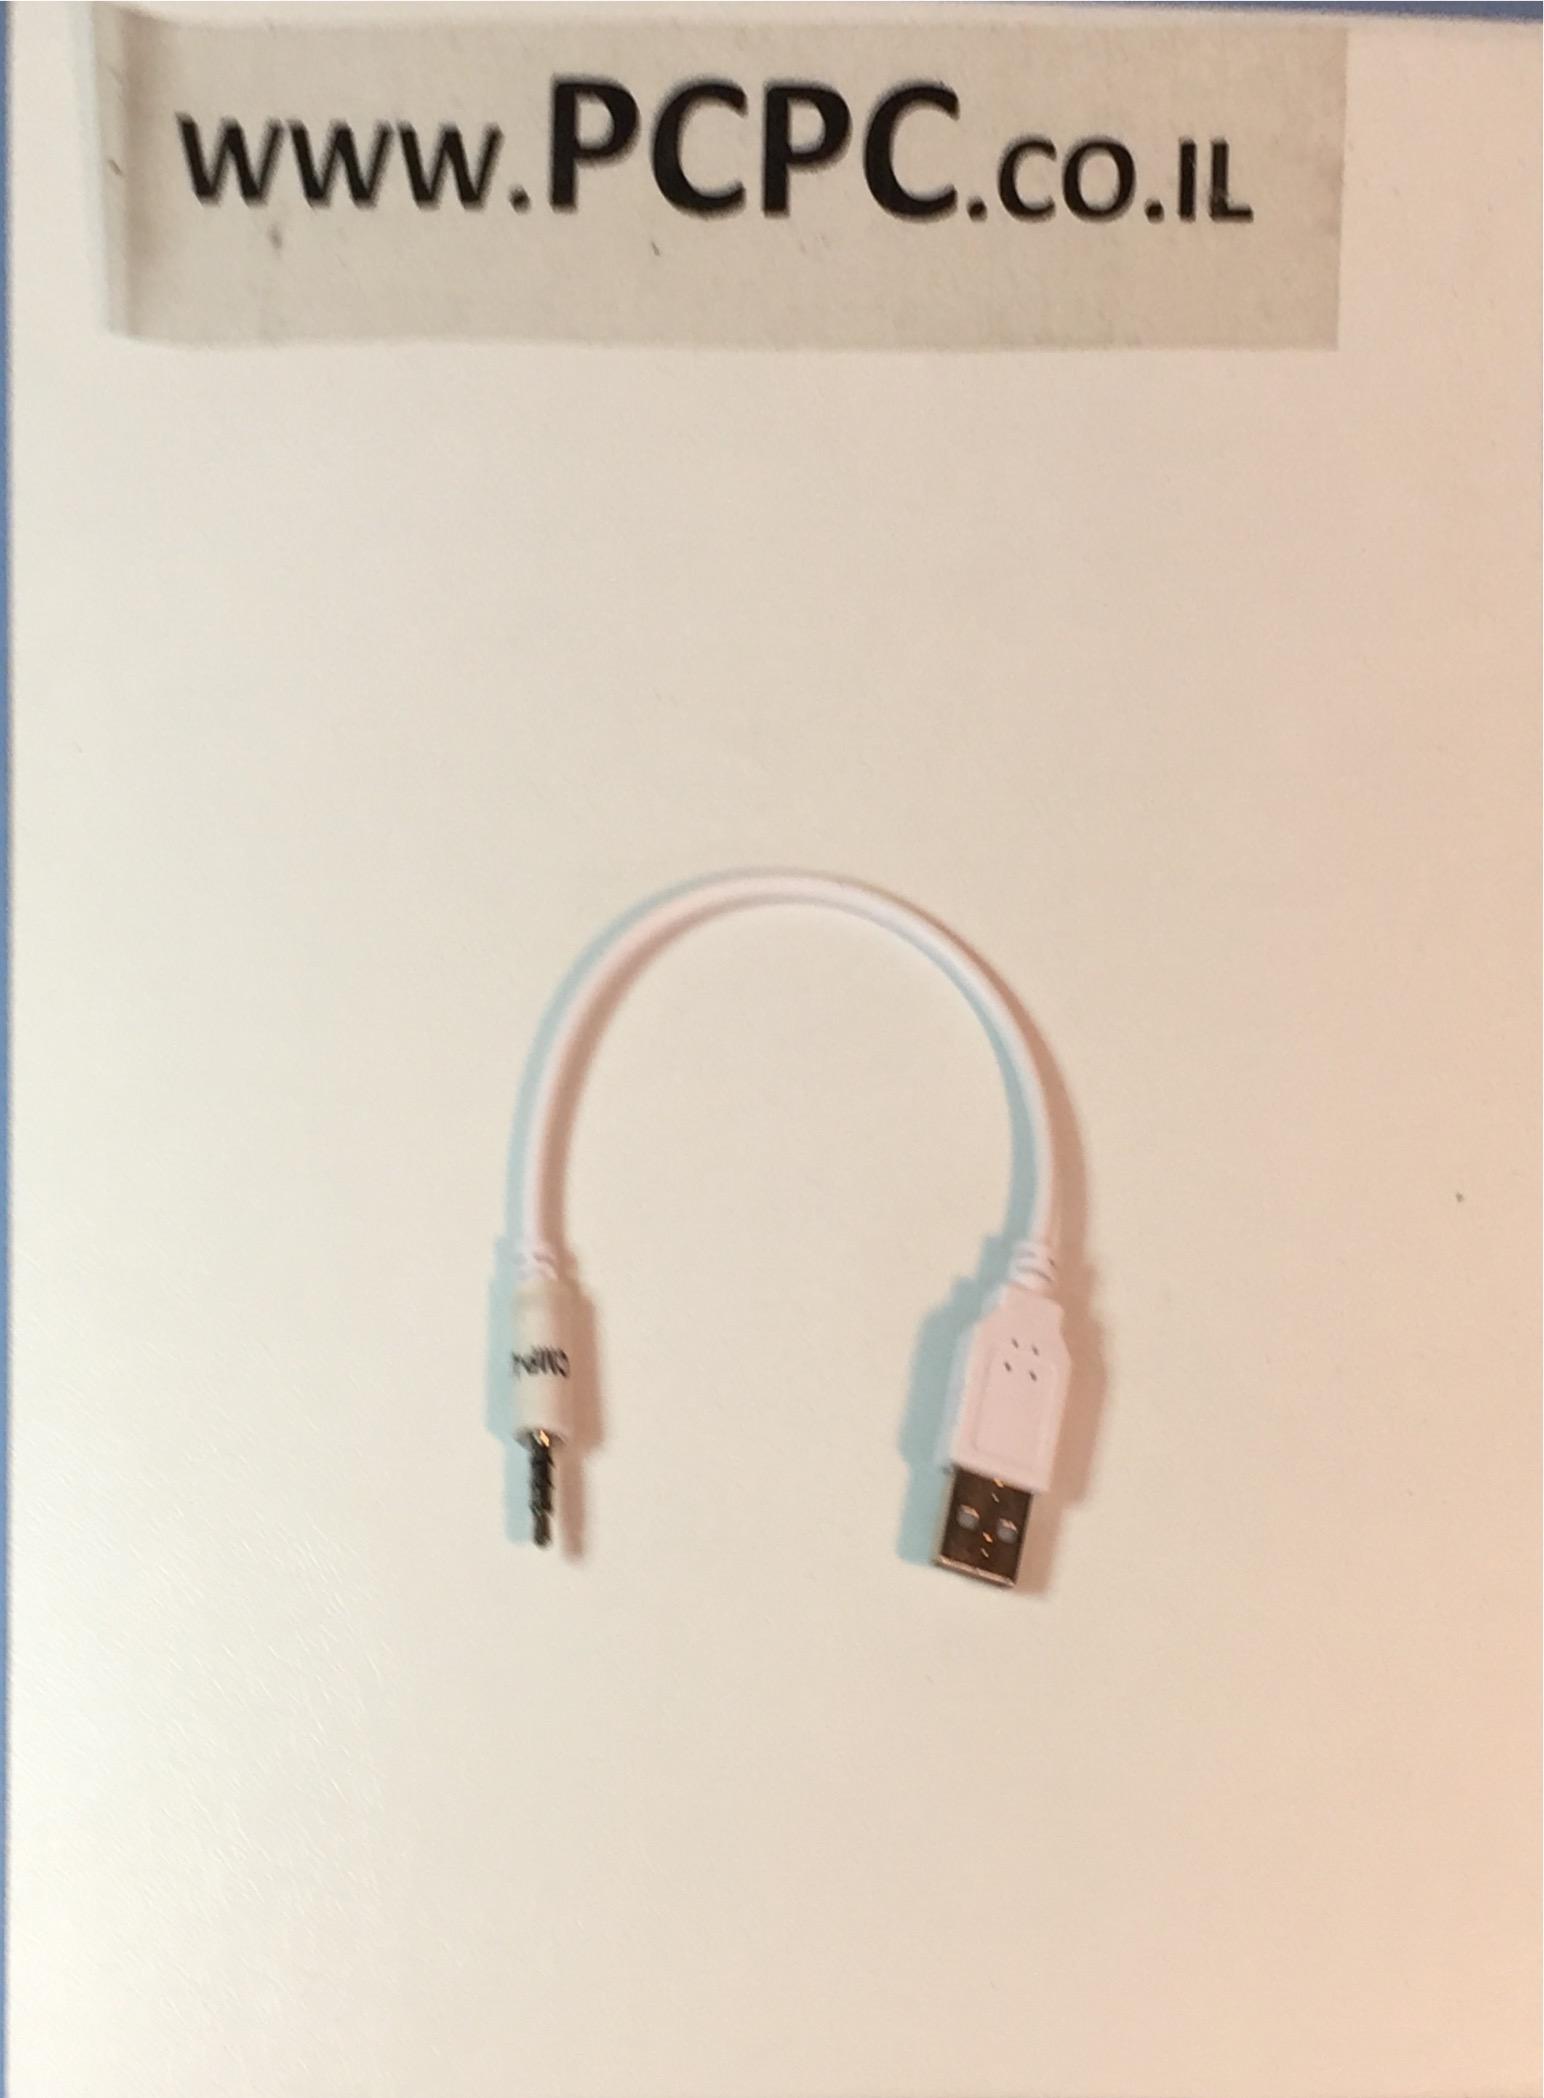 כבל סינכרון טעינה מusb ל    PL3.5  מתאים ל MP3/4/5